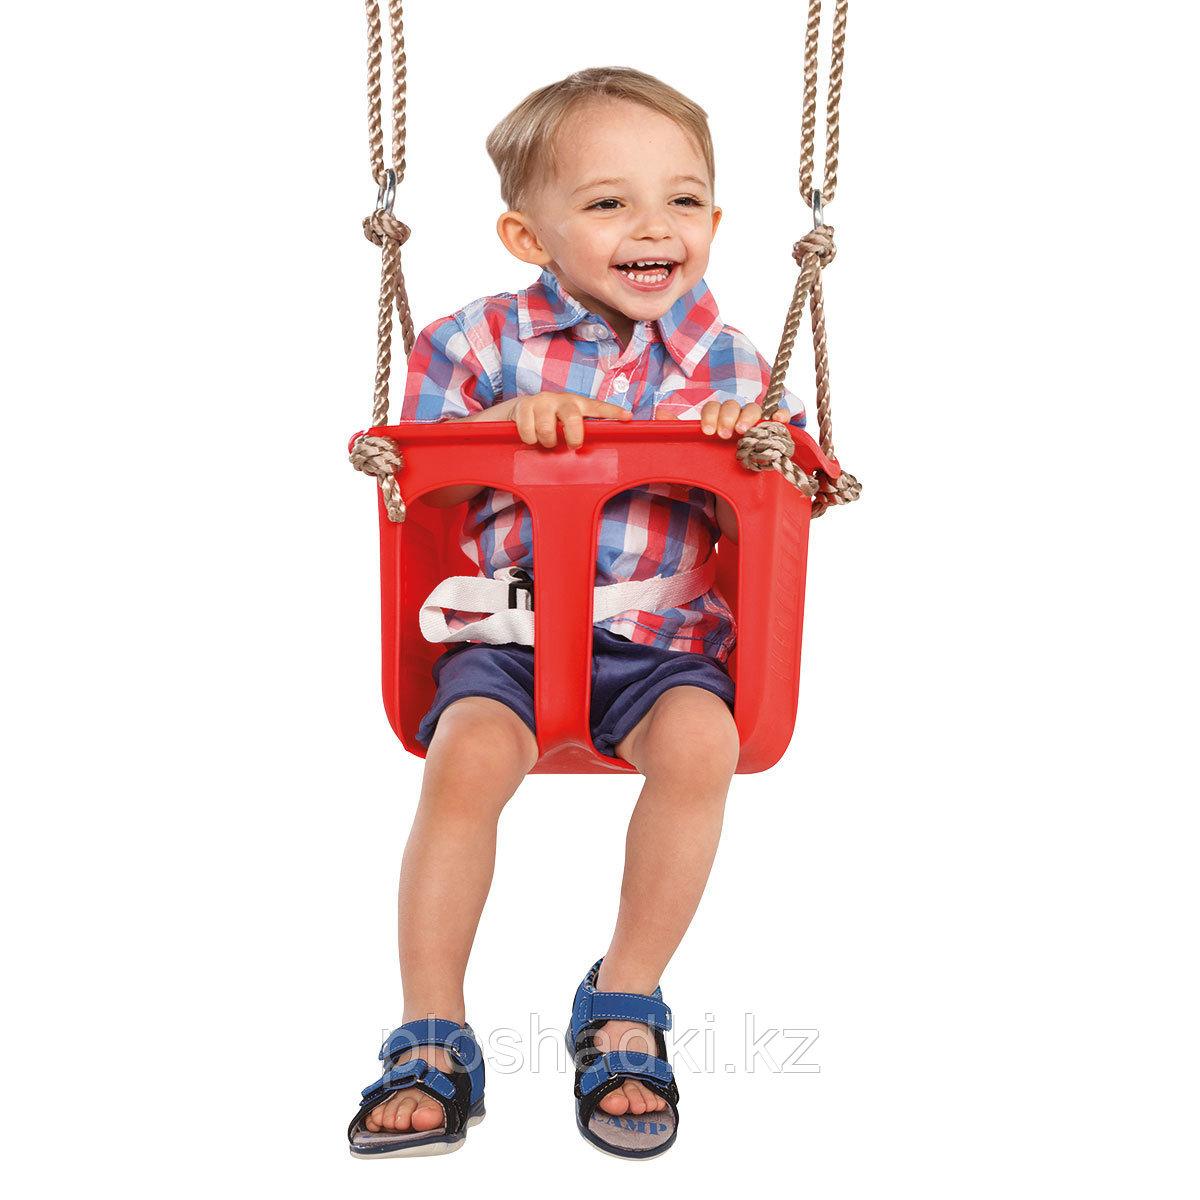 Качели детское сиденье жесткой формы